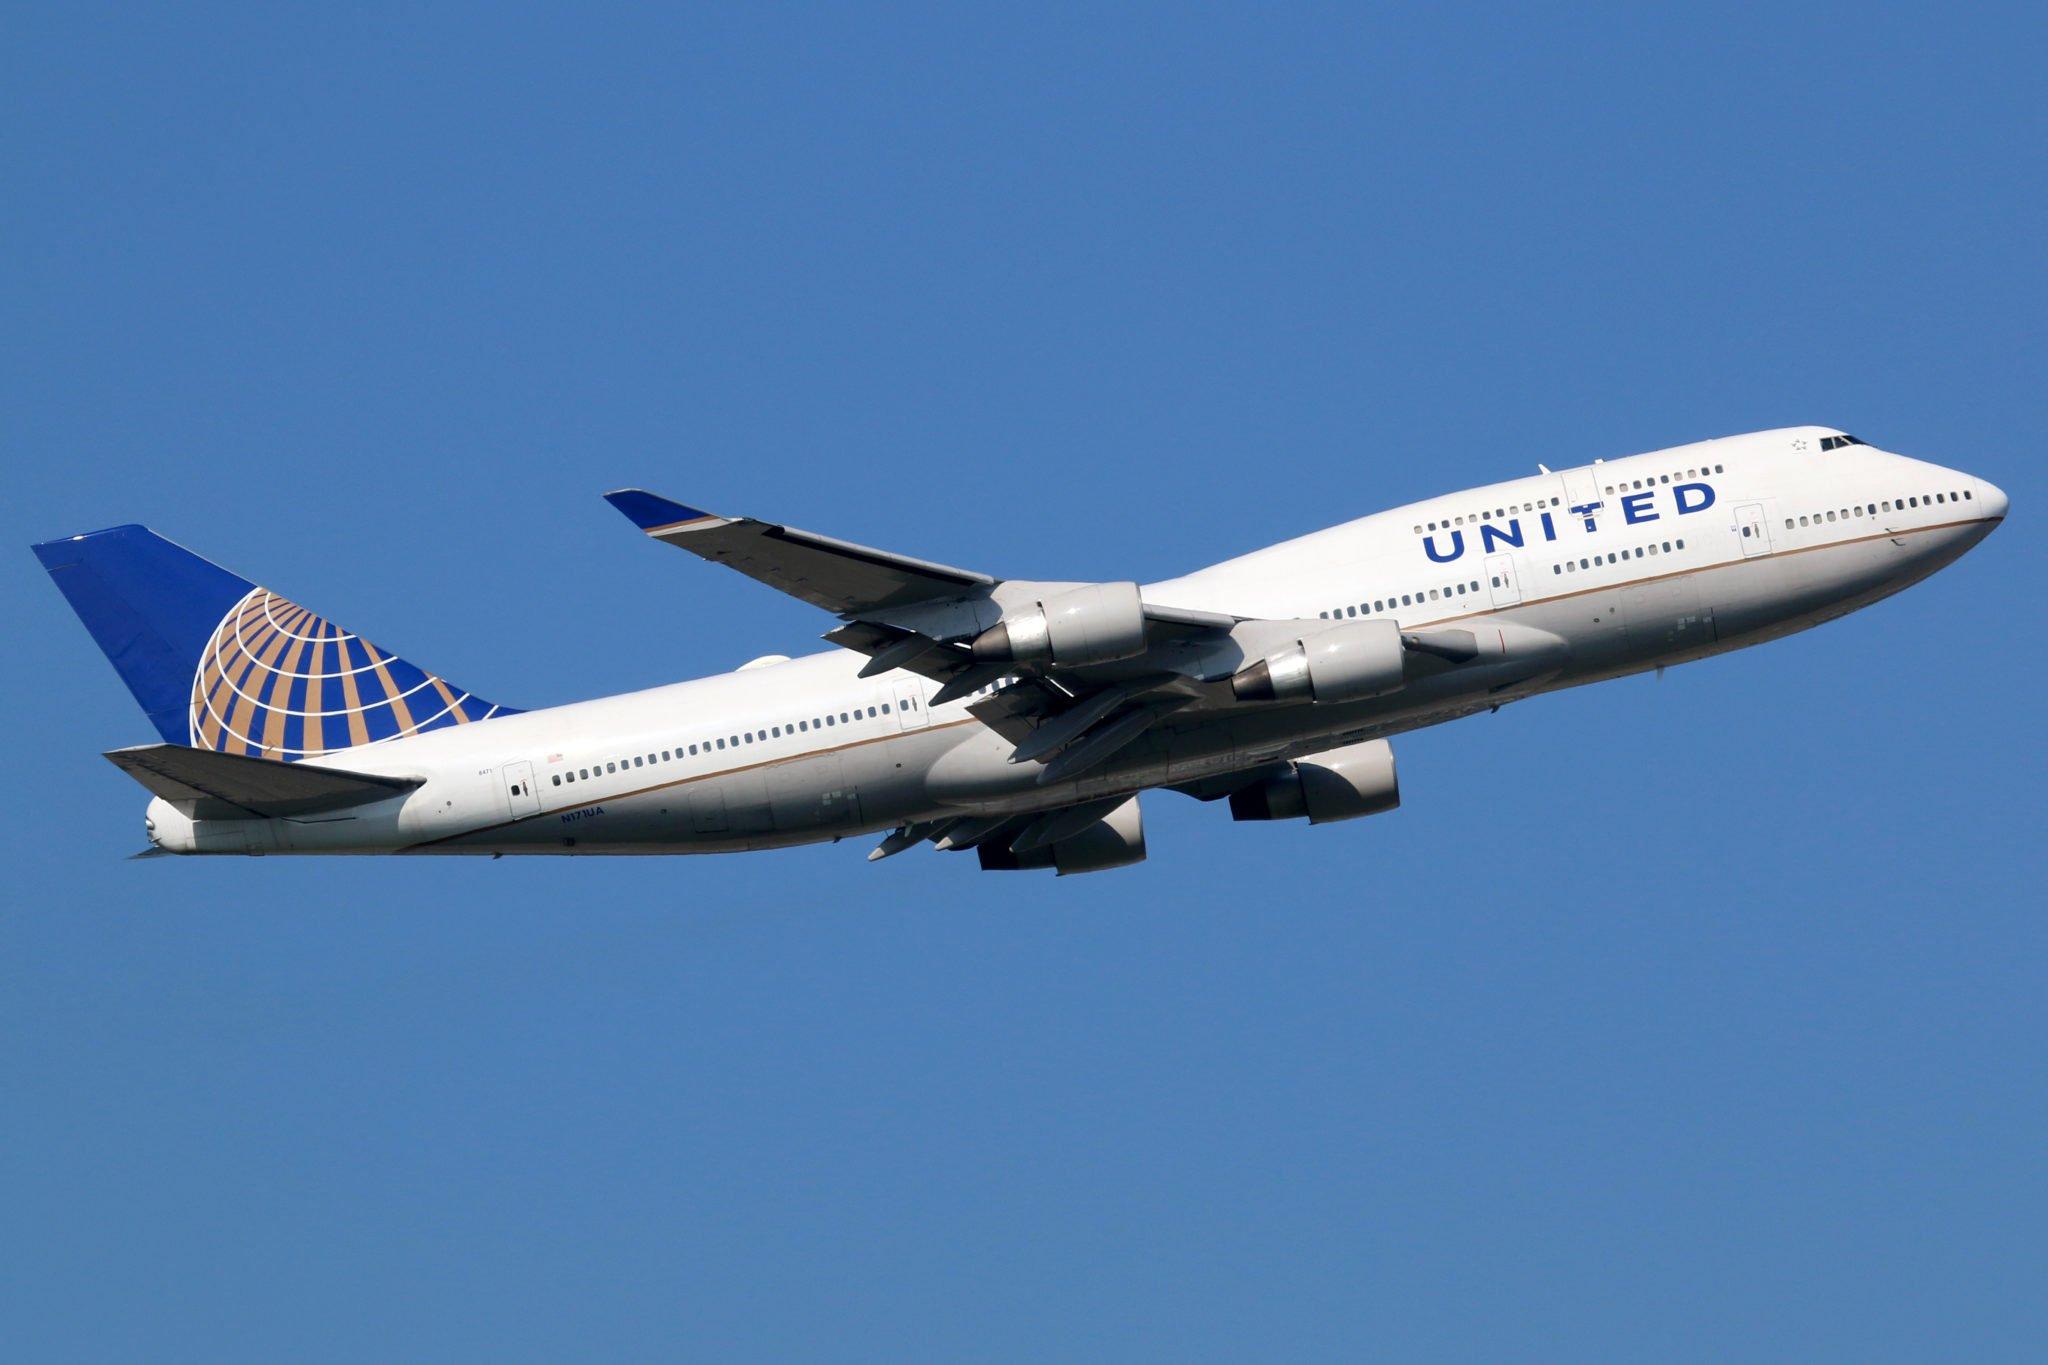 La norteamericana United Airlines encarga a la europea Airbus cincuenta aviones ¿Qué le parecerá a Trump?